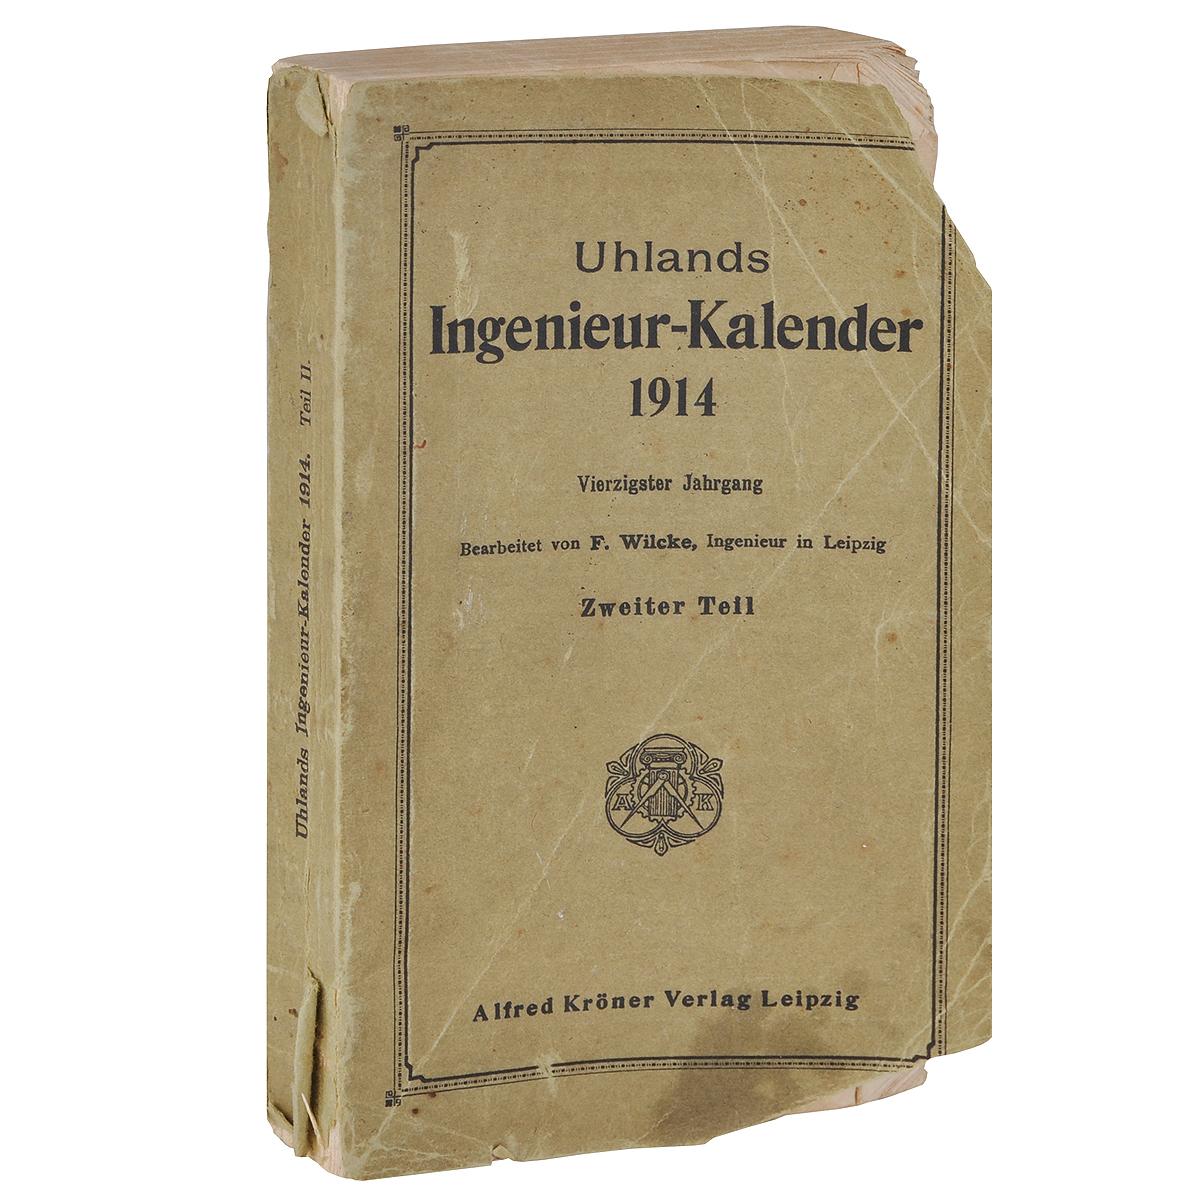 Uhlands Ingenieur-Kalender 1914